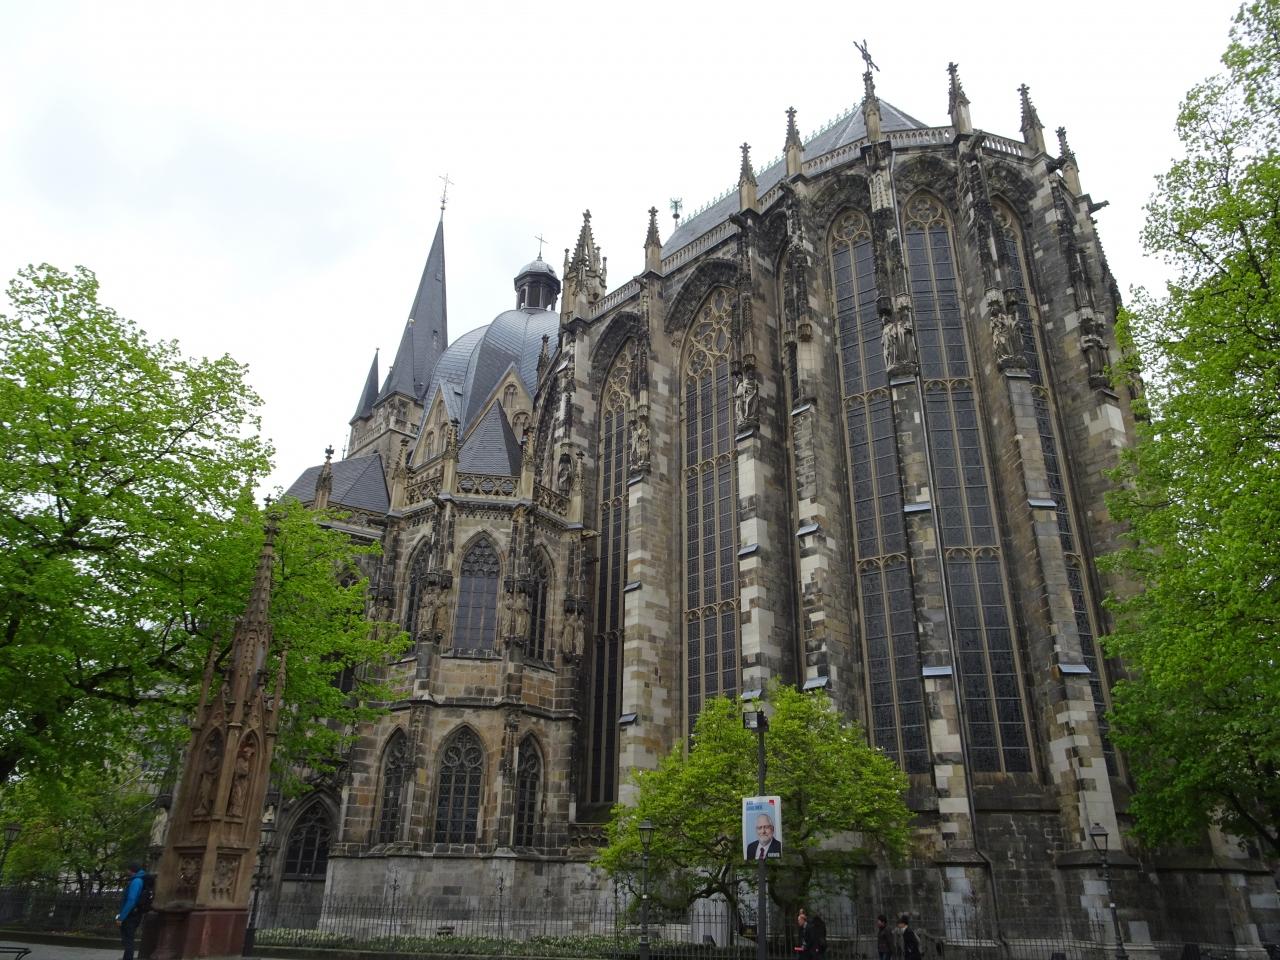 アーヘン大聖堂 クチコミガイド【フォートラベル】|Aachen Cathedral|アーヘン ゲ